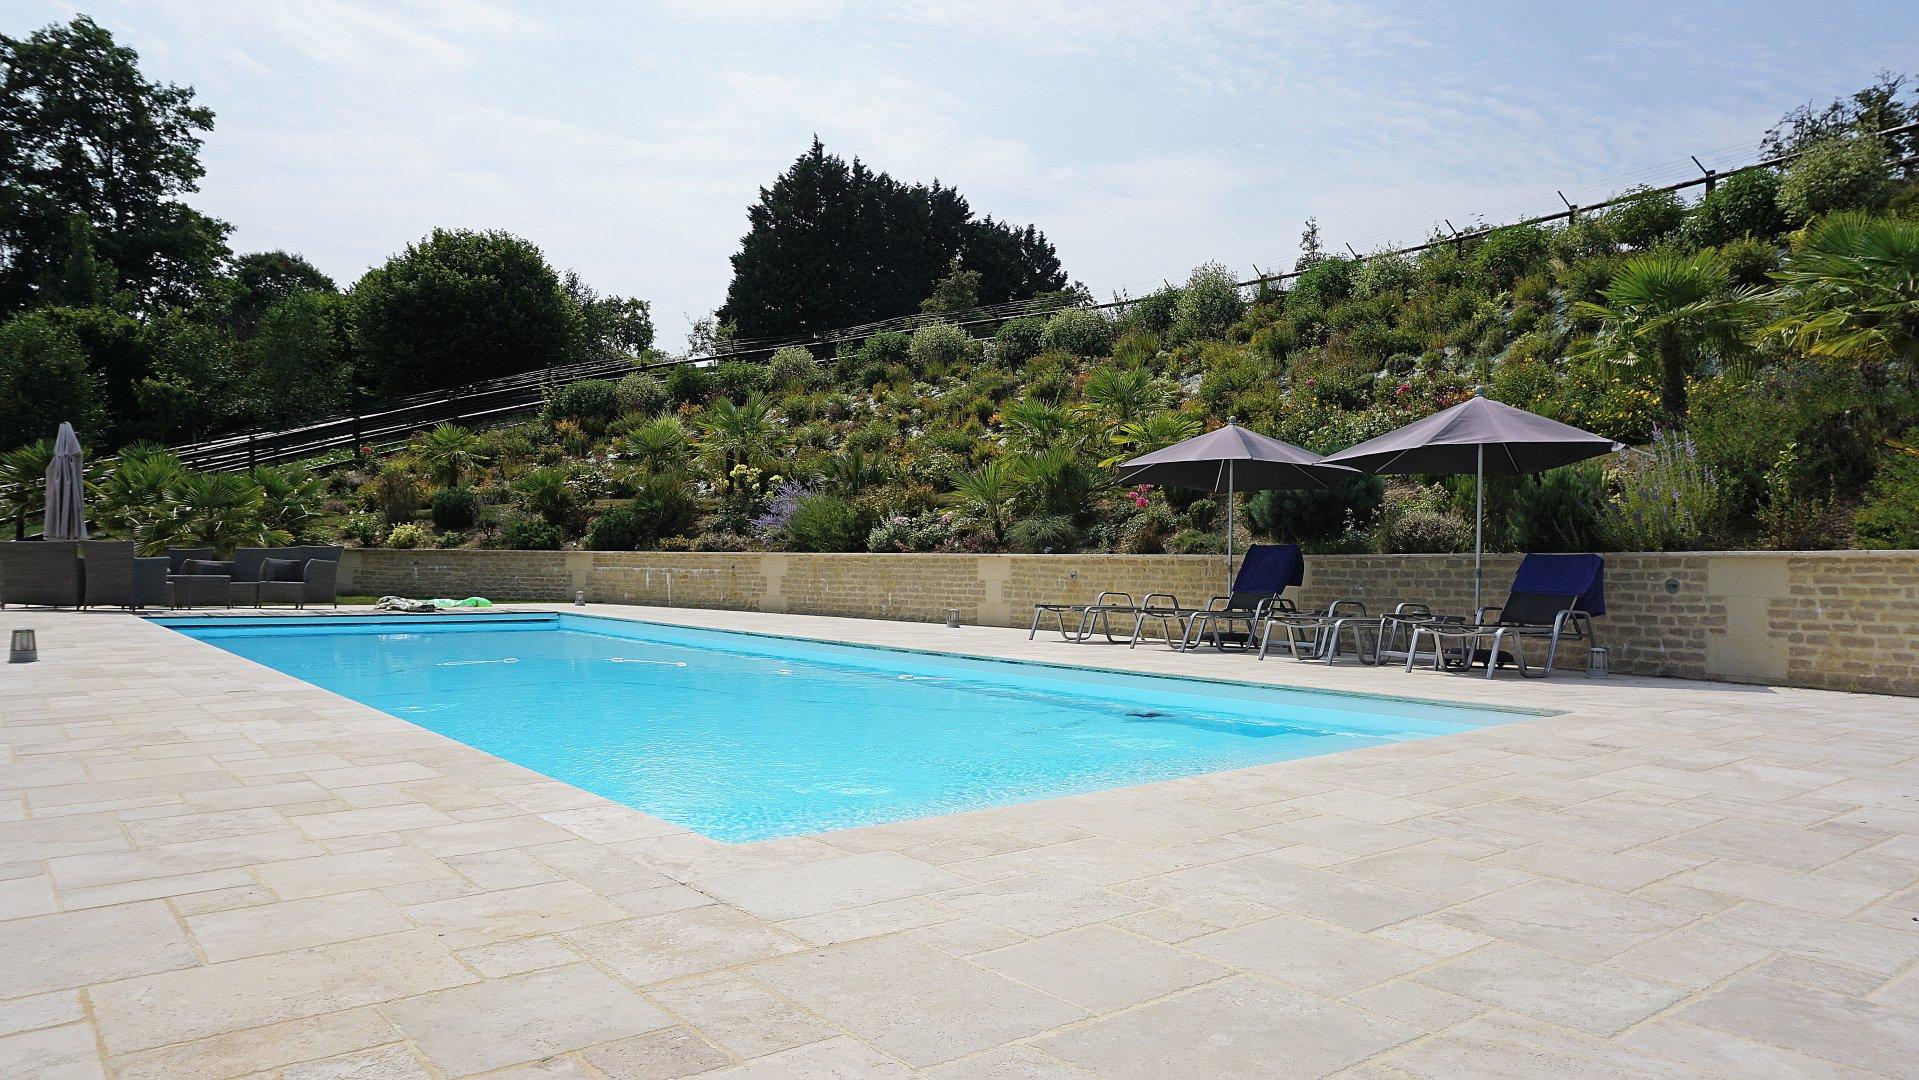 PAYS D'AUGE CALVADOS Une maison en colmbages rénovée, avec des dépendances, une piscine et un parc